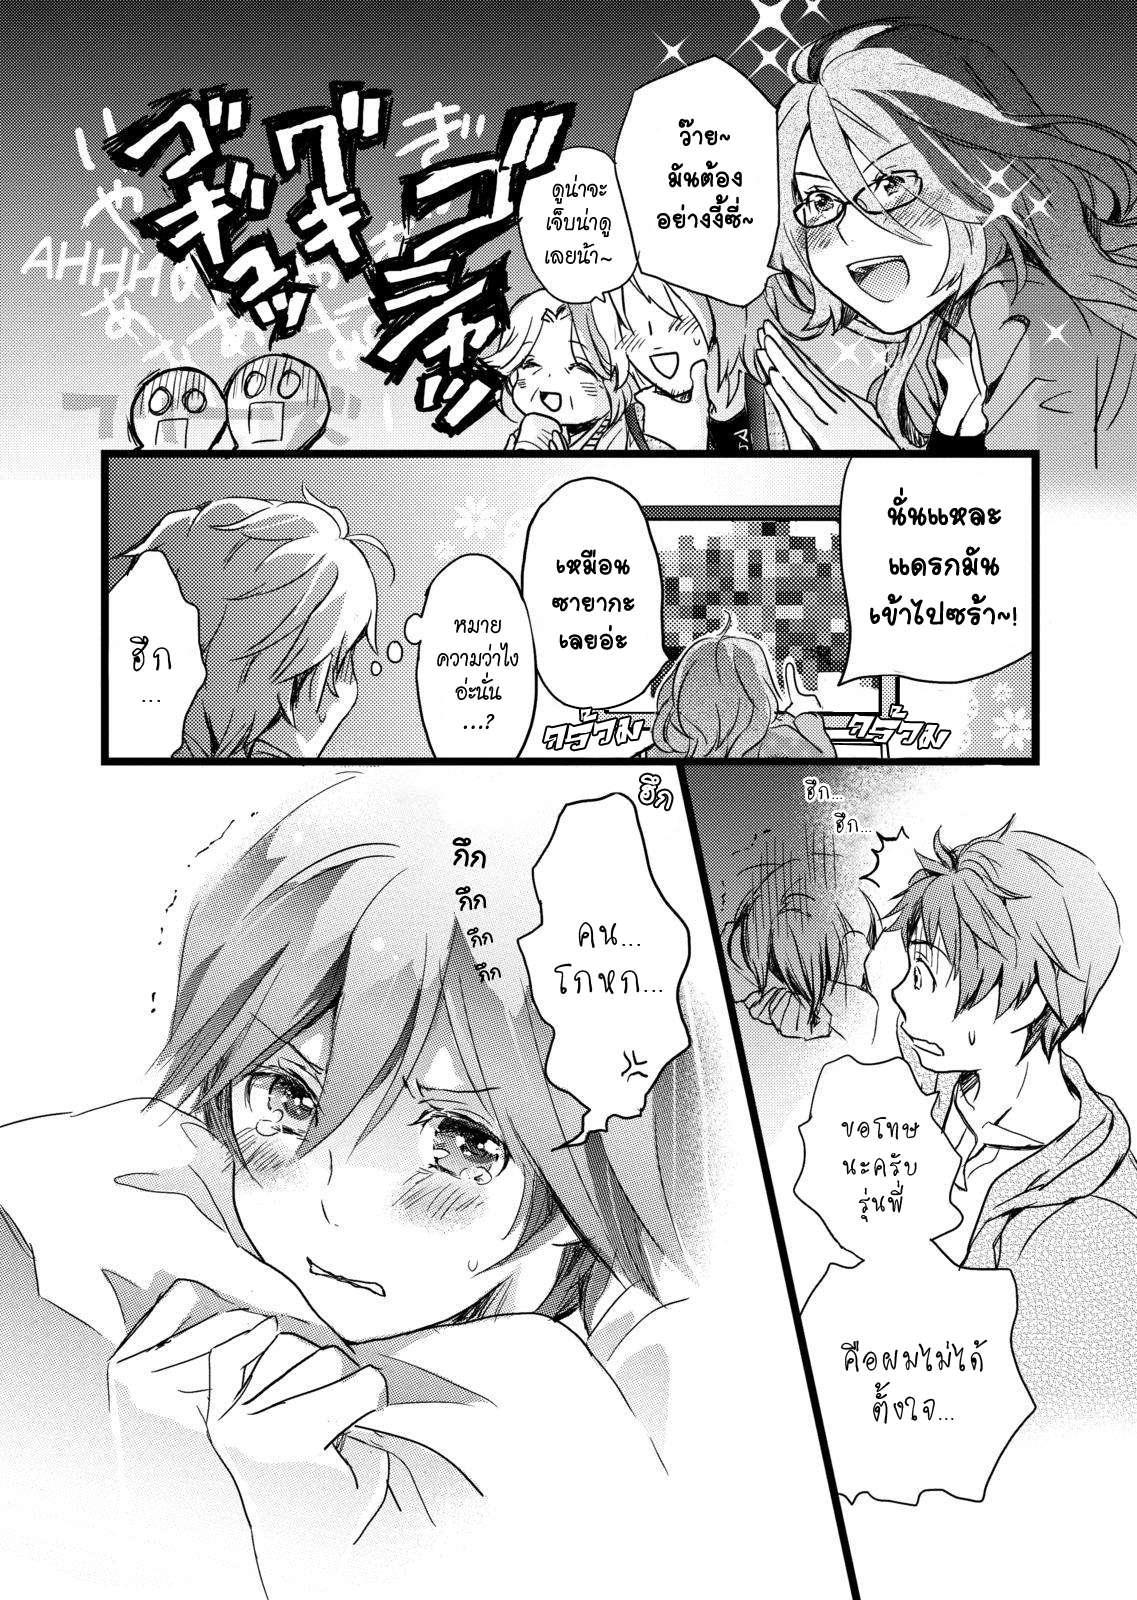 อ่านการ์ตูน Bokura wa Minna Kawaisou ตอนที่ 6 หน้าที่ 10